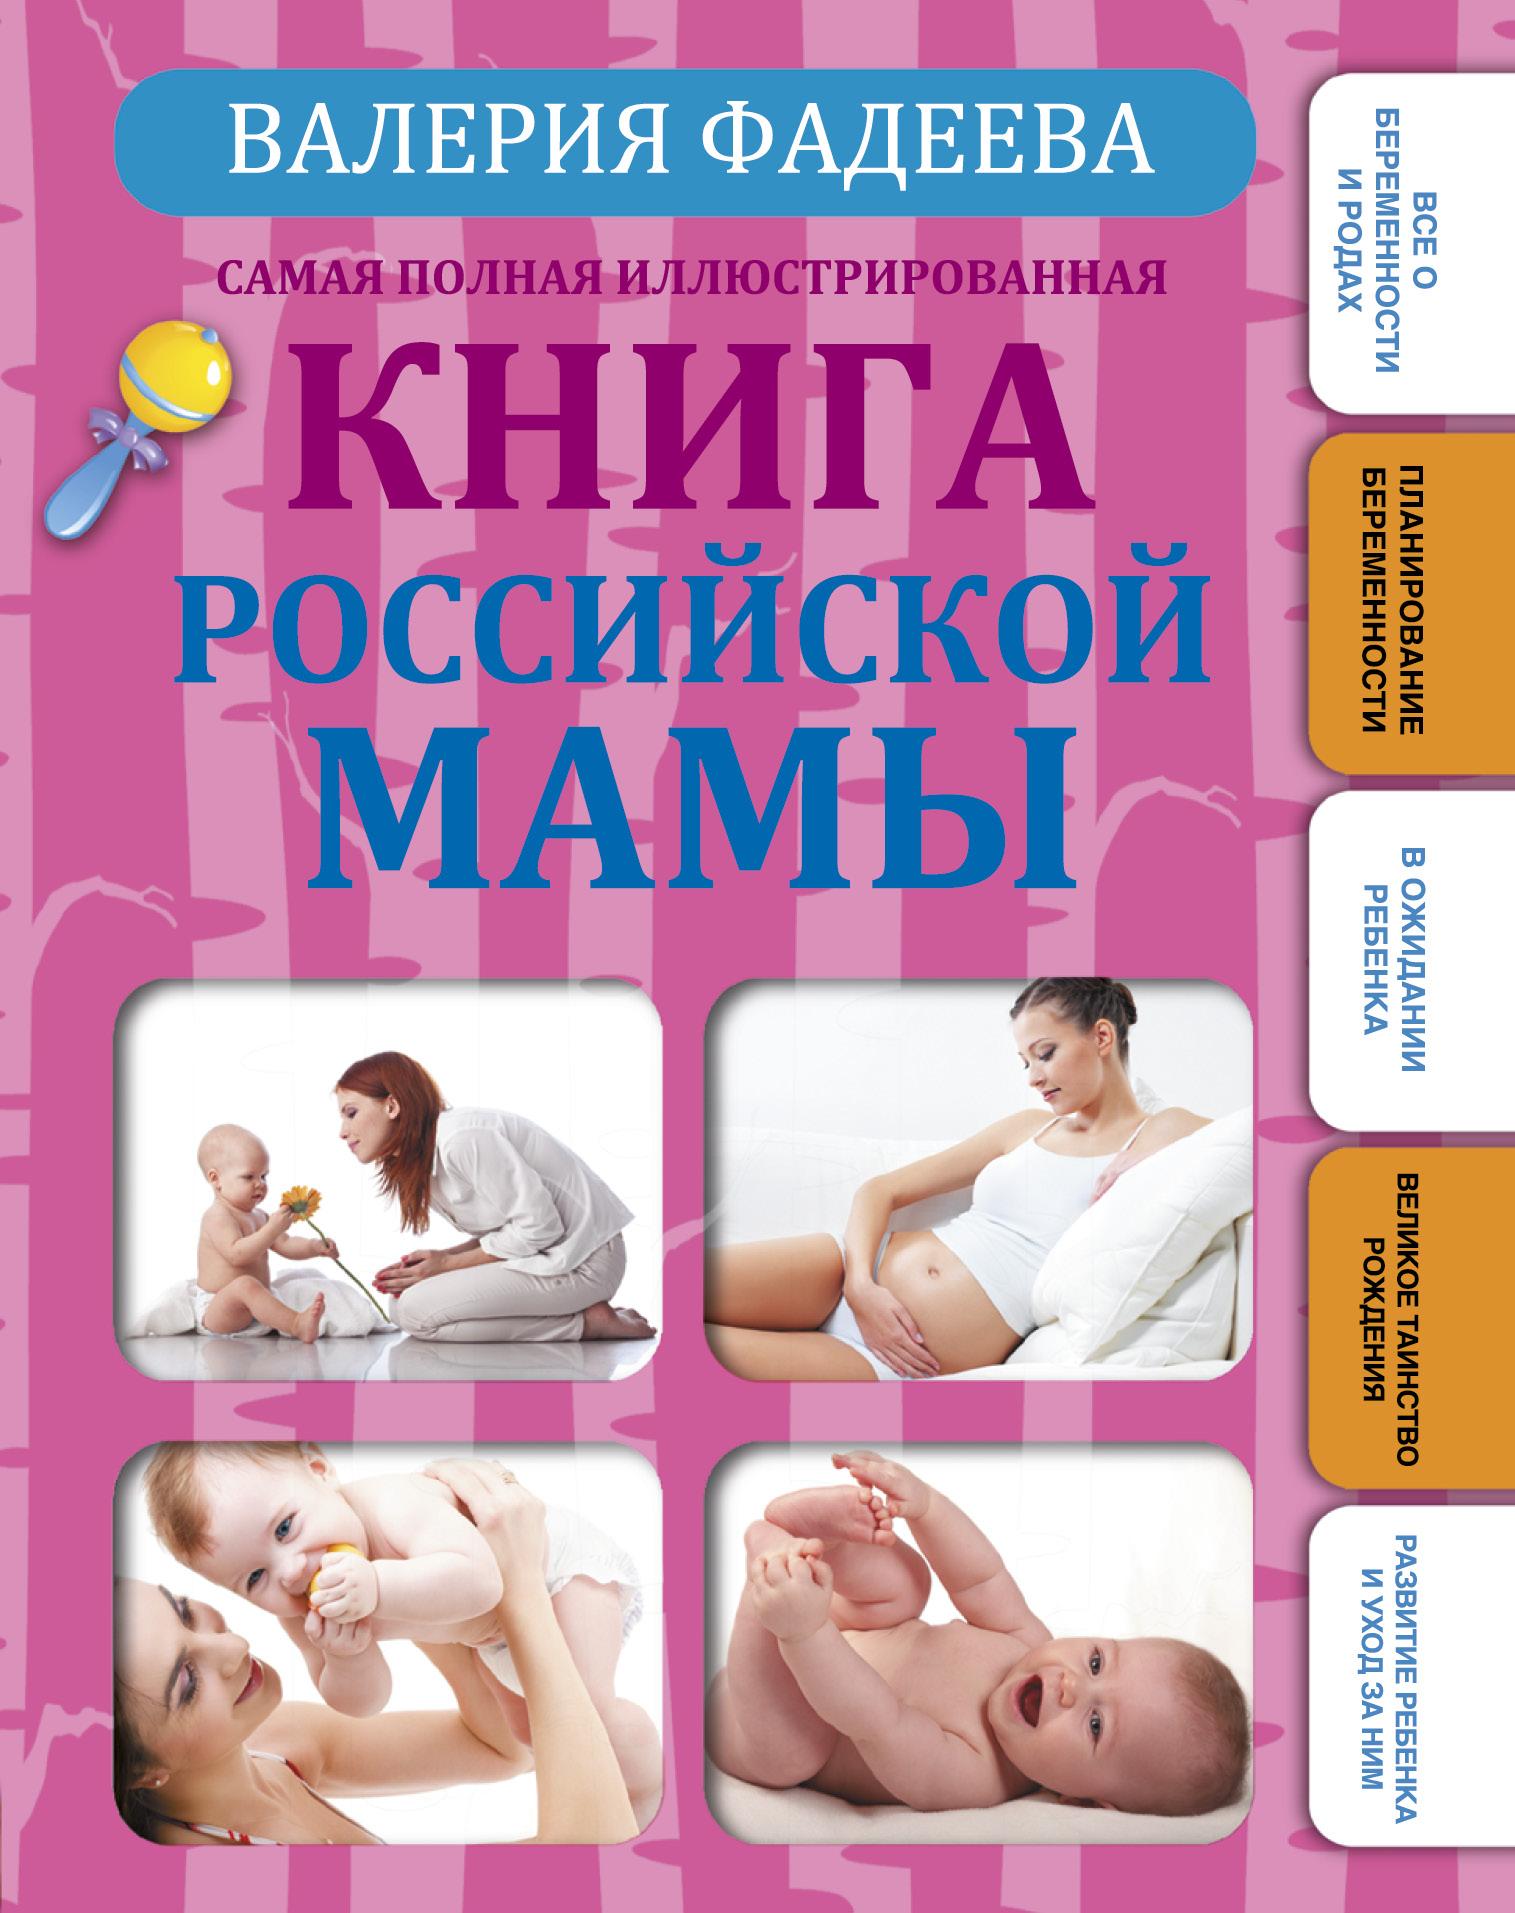 Фадеева В.В. Самая полная иллюстрированная книга российской мамы 10 пунктов как правильно квартиру в новостройке